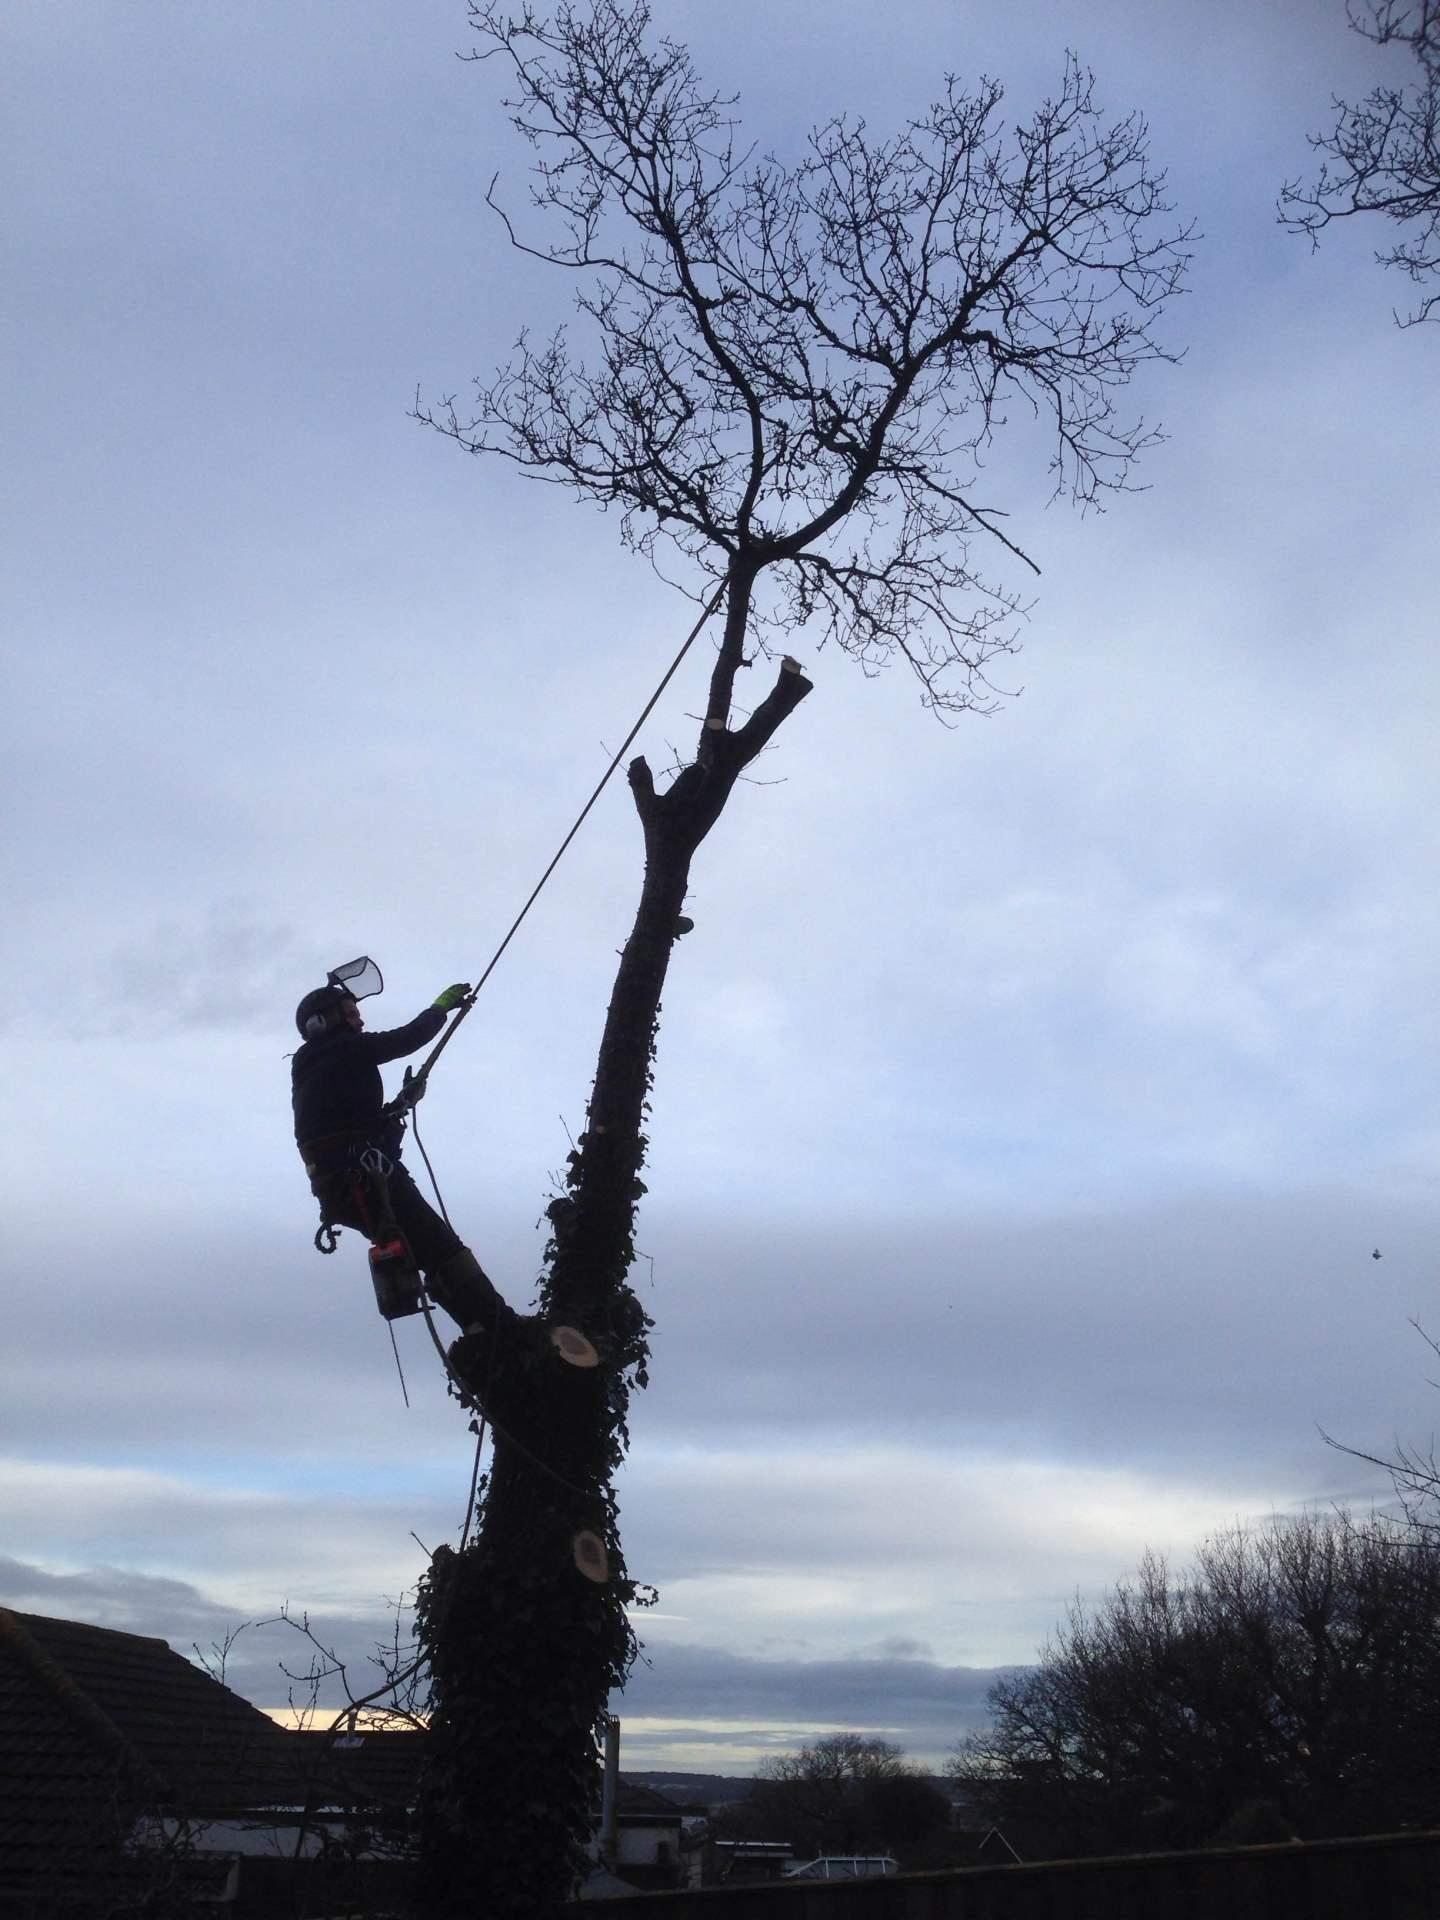 Isle of Wight Treework